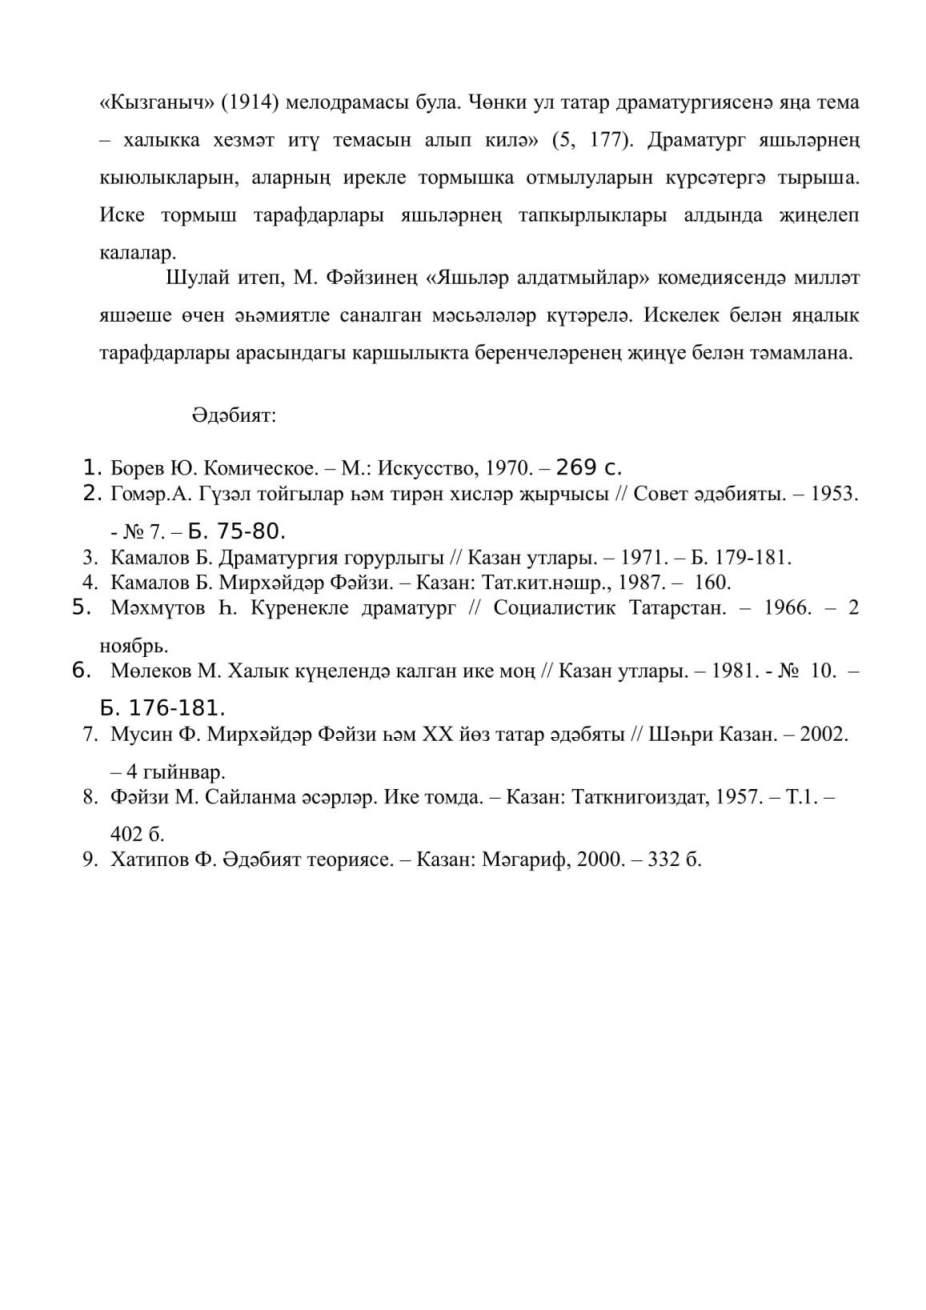 Вафина А.М.-6